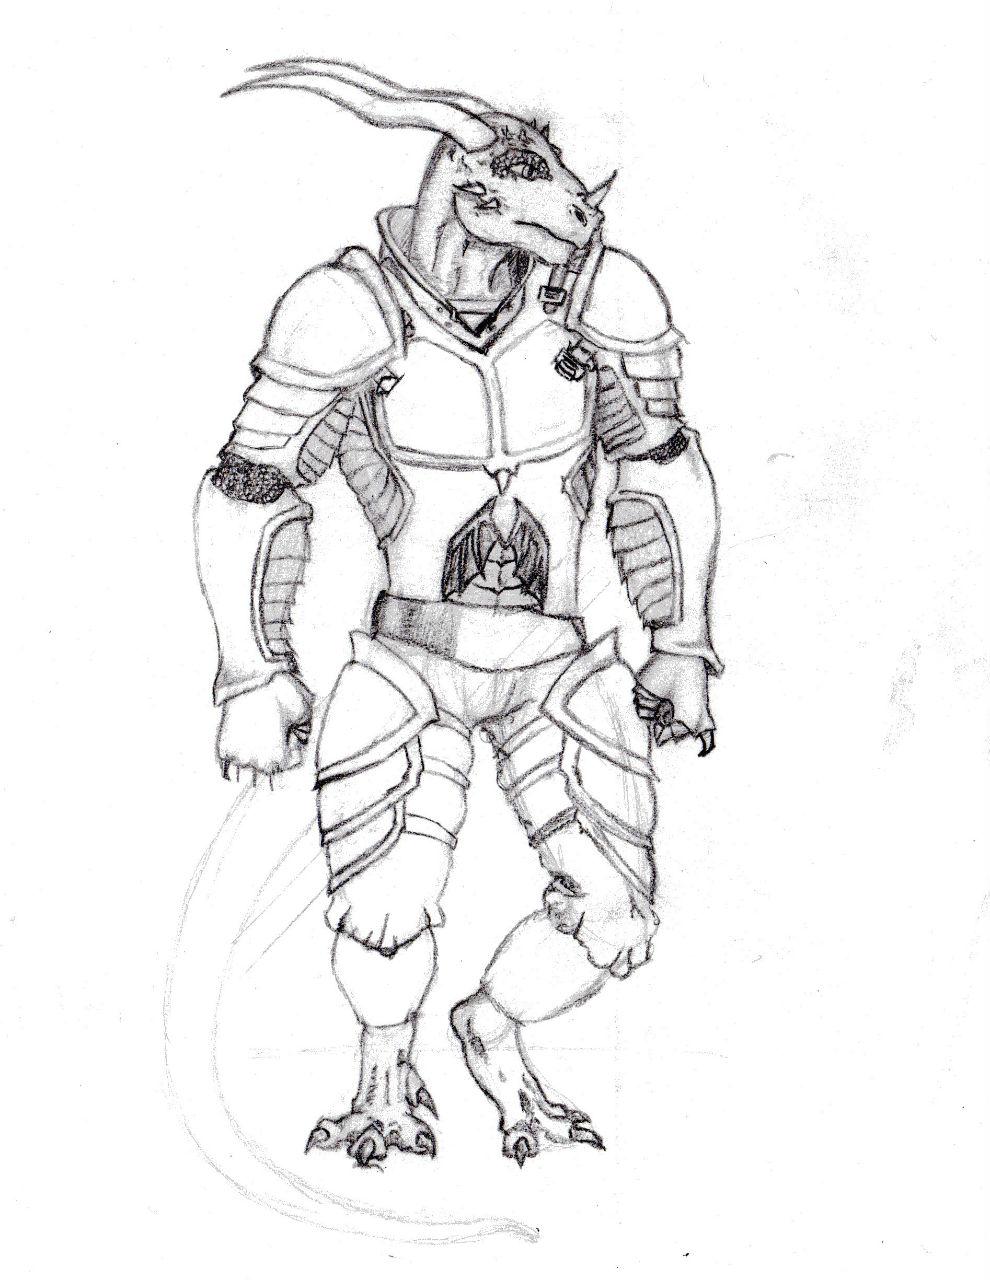 Most recent image: Istharius Armor Design